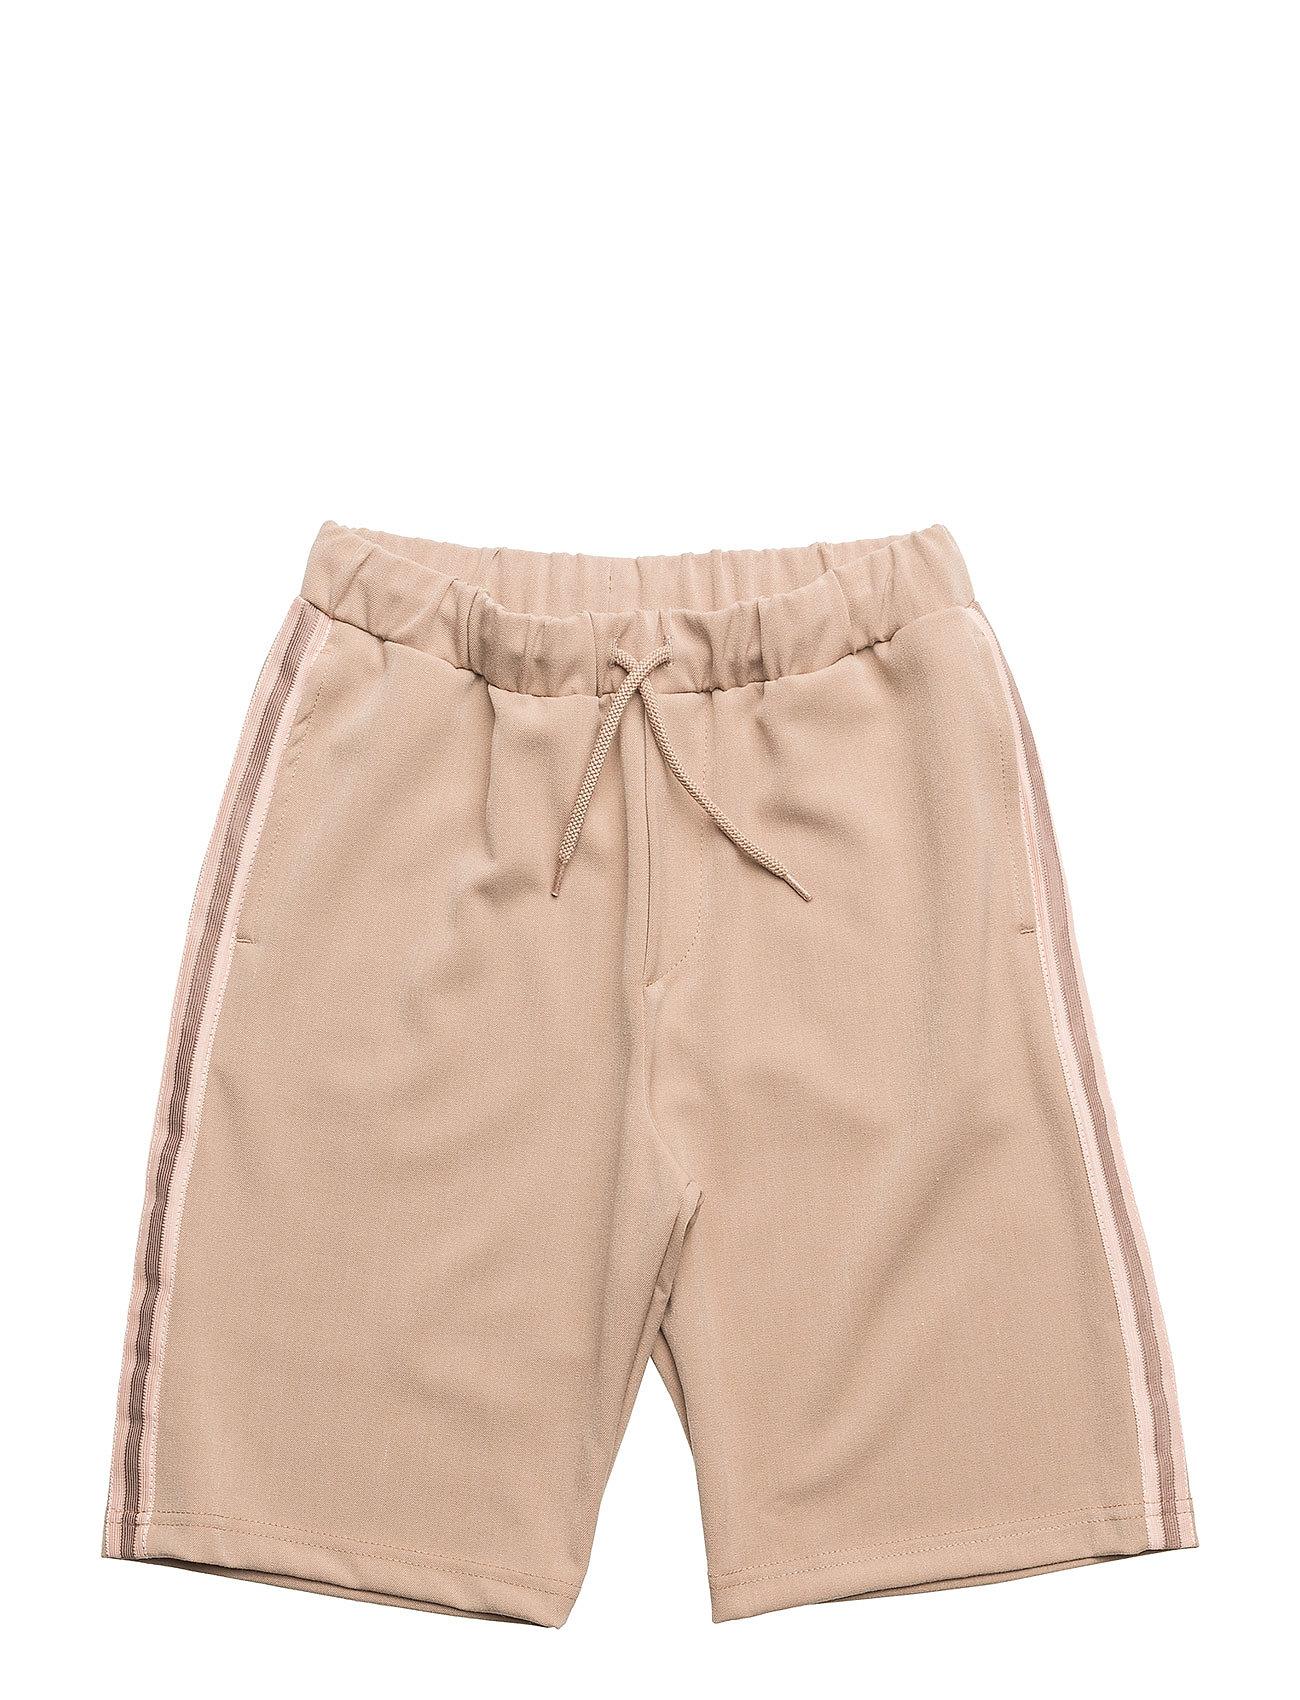 Amel Shorts Stripe, K - Unauthorized